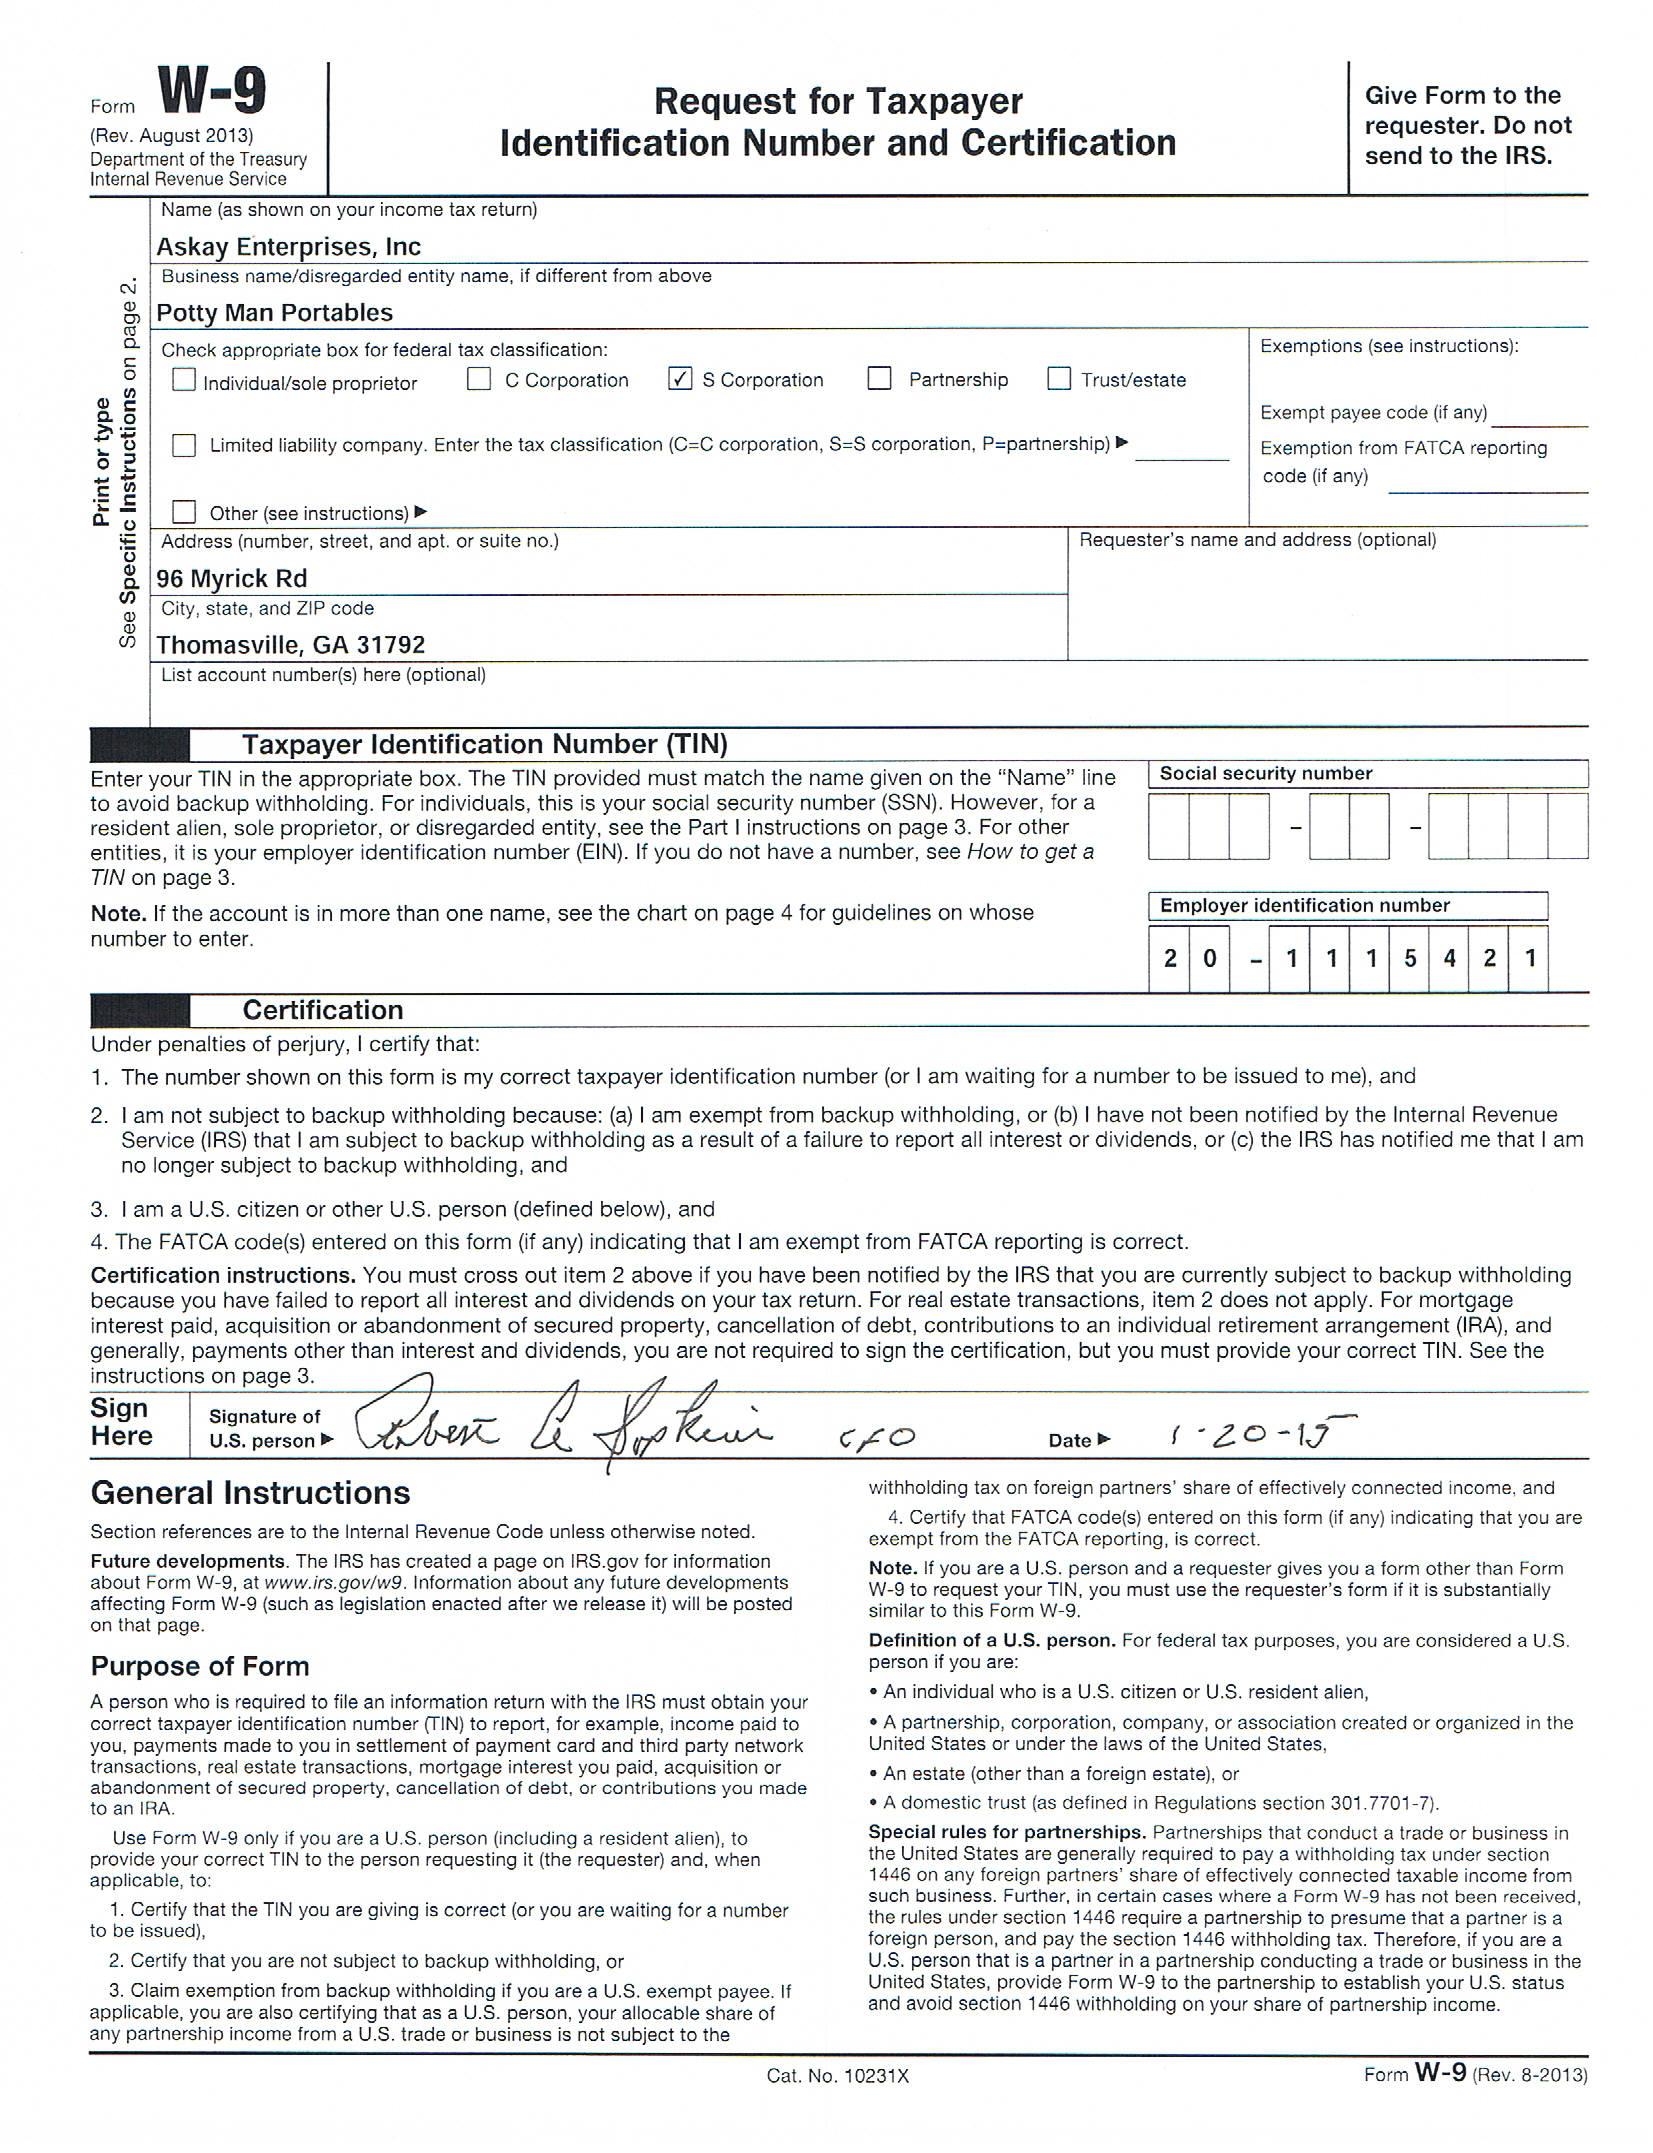 irs tax form w-9 2018